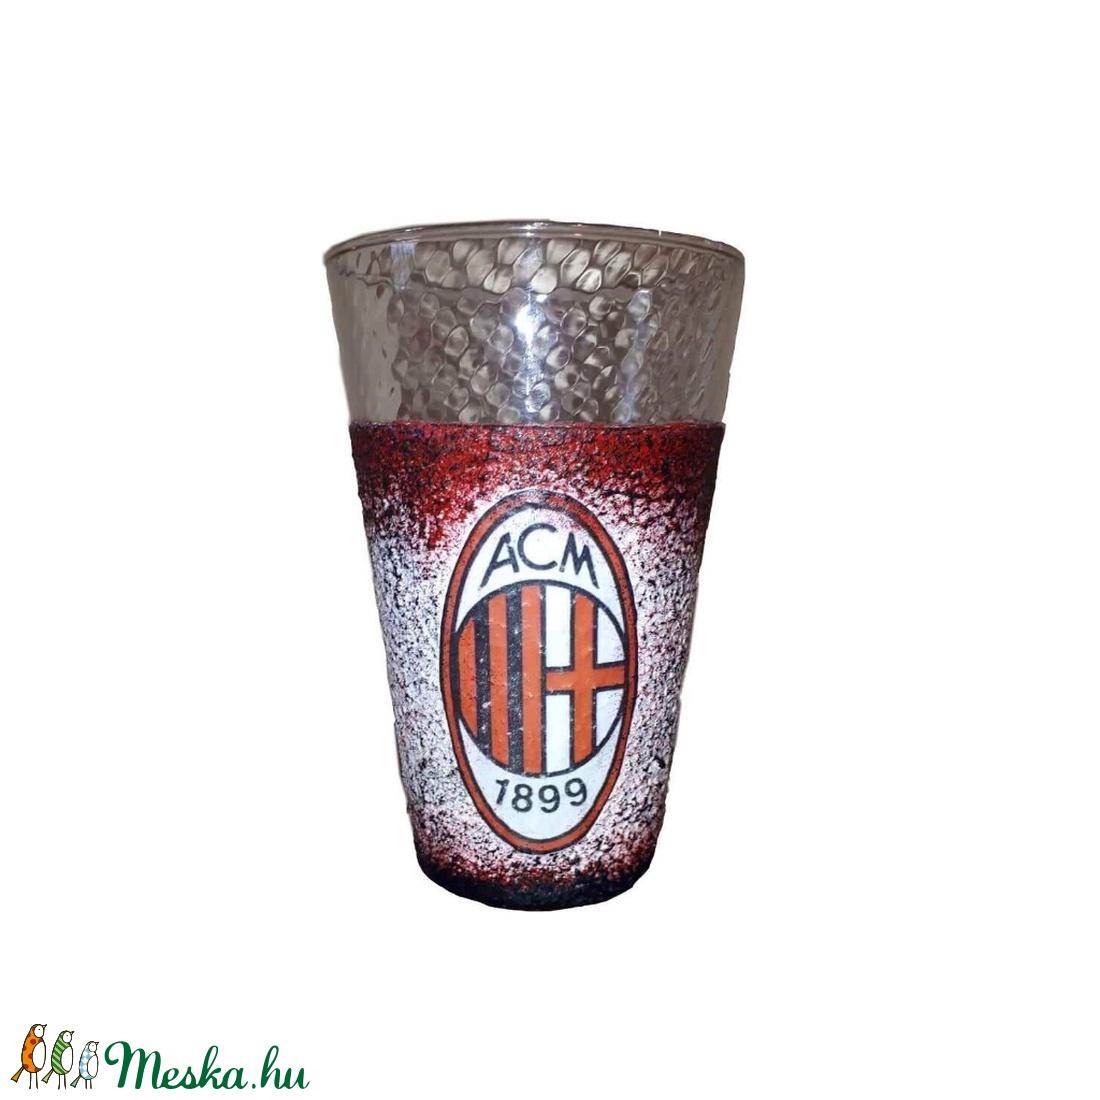 AC Milan foci rajongói üdítős, vizes pohár  - otthon & lakás - dekoráció - díszüveg - Meska.hu